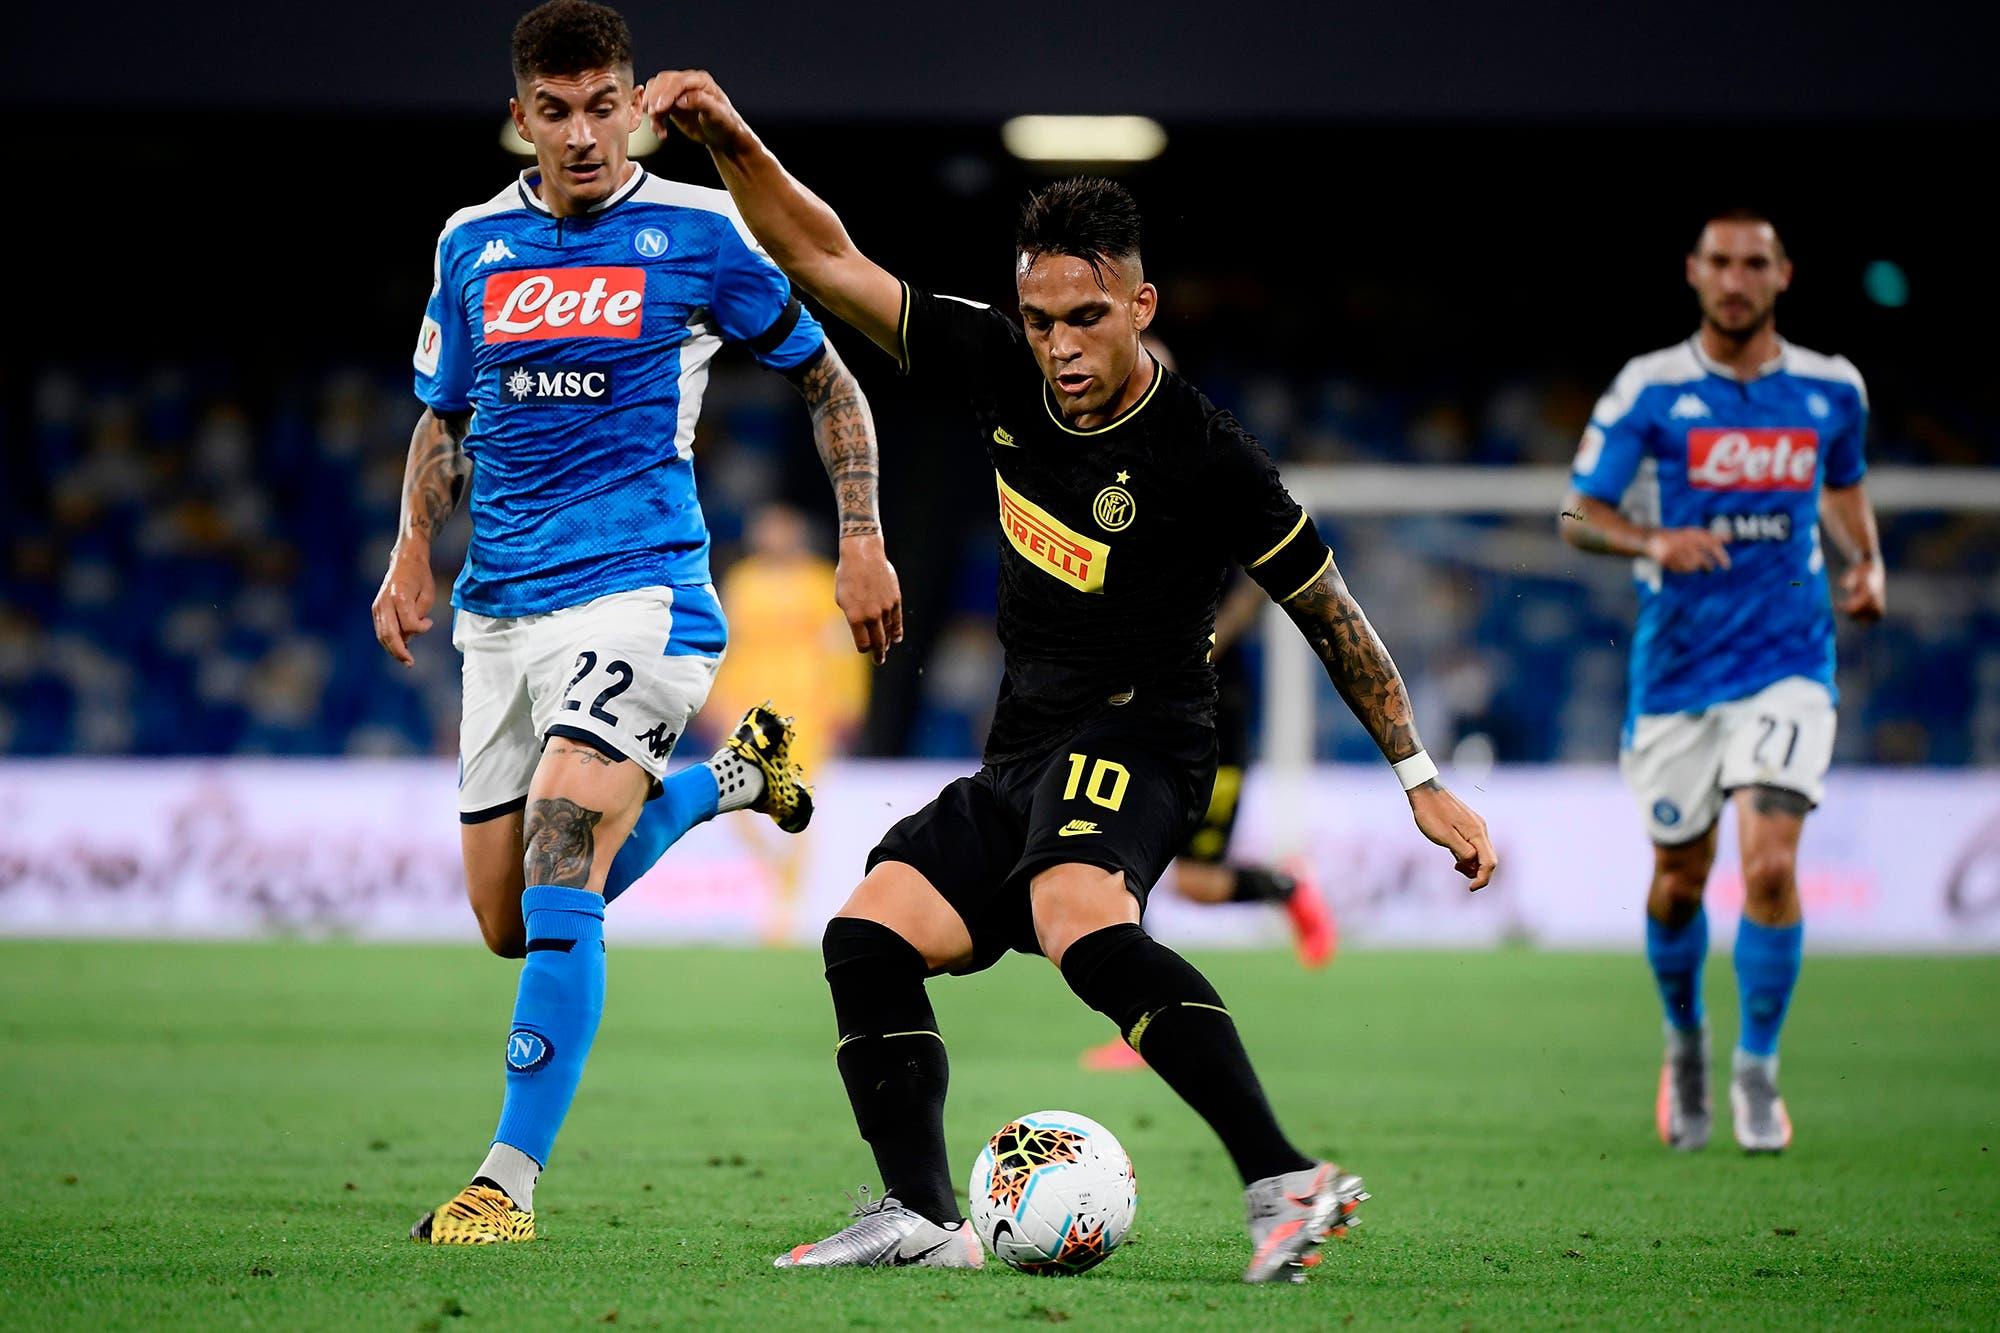 Napoli-Inter, por la Copa Italia: Lautaro Martínez salió de la cancha cuando su equipo iba rumbo a la eliminación